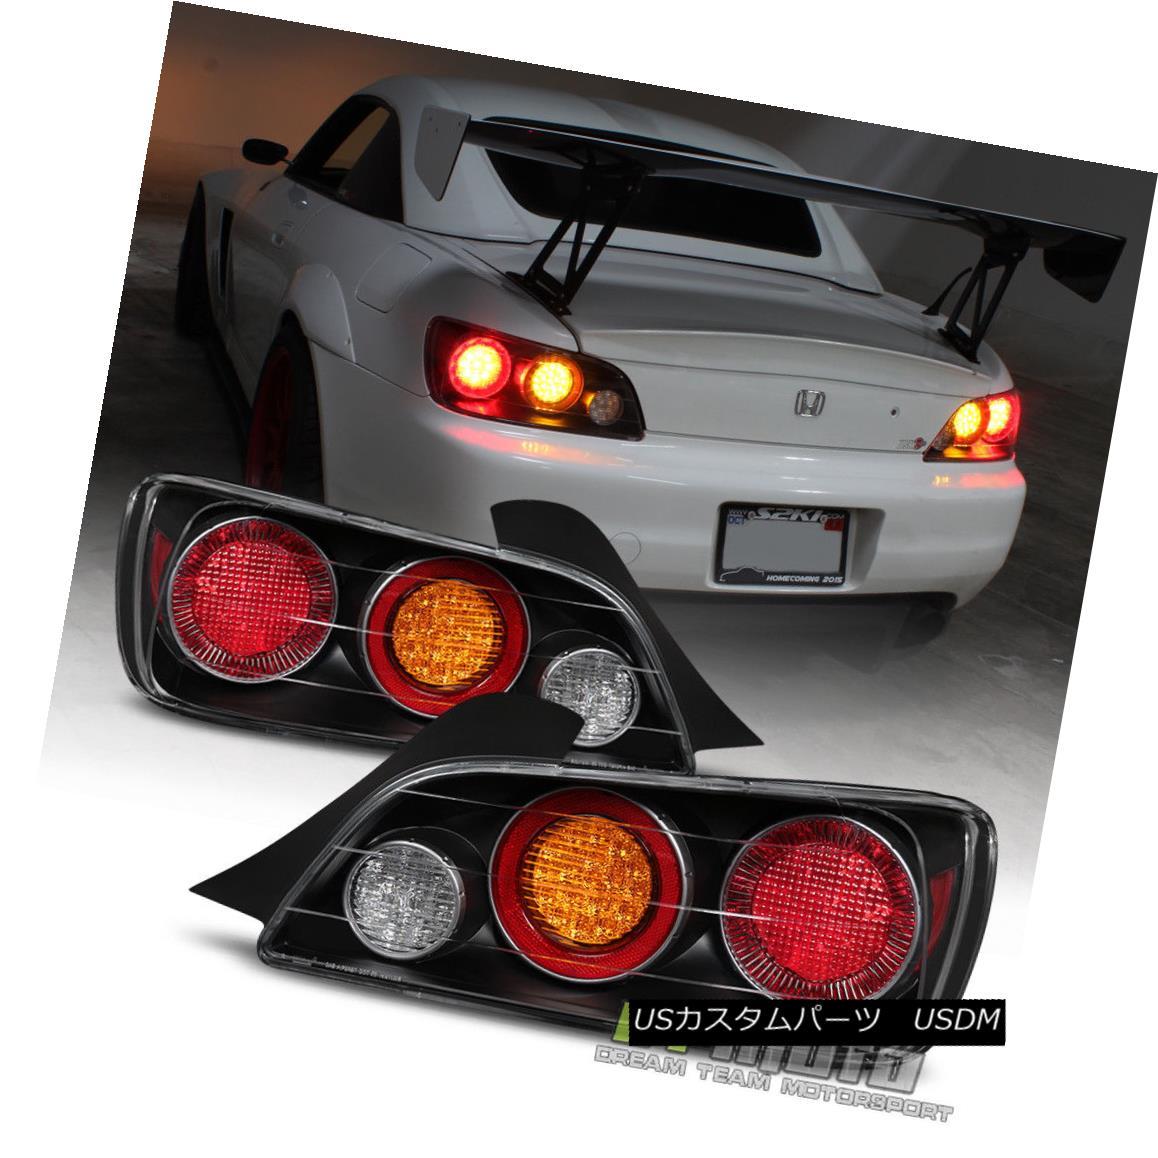 テールライト For Black 2004-2009 Honda S2000 AP2 FULL LED Tail Lights Lamps 04-09 Left+Right ブラック2004-2009ホンダS2000 AP2フルLEDテールライトランプ04-09左+右